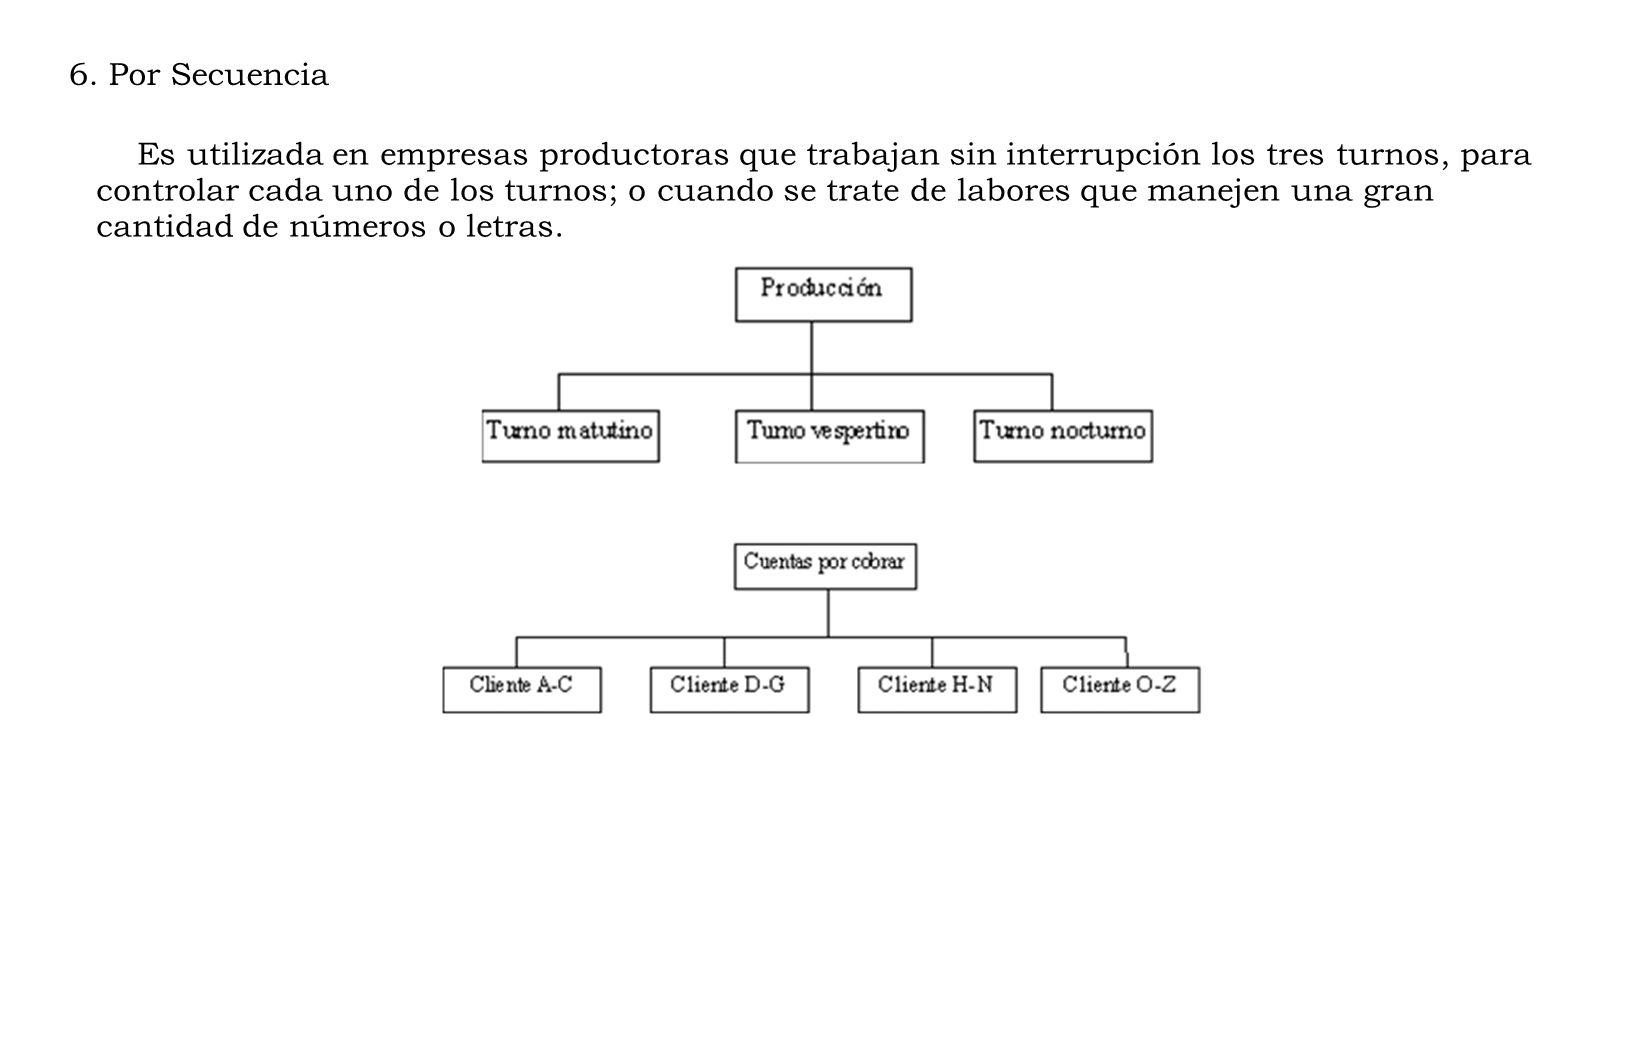 6. Por Secuencia